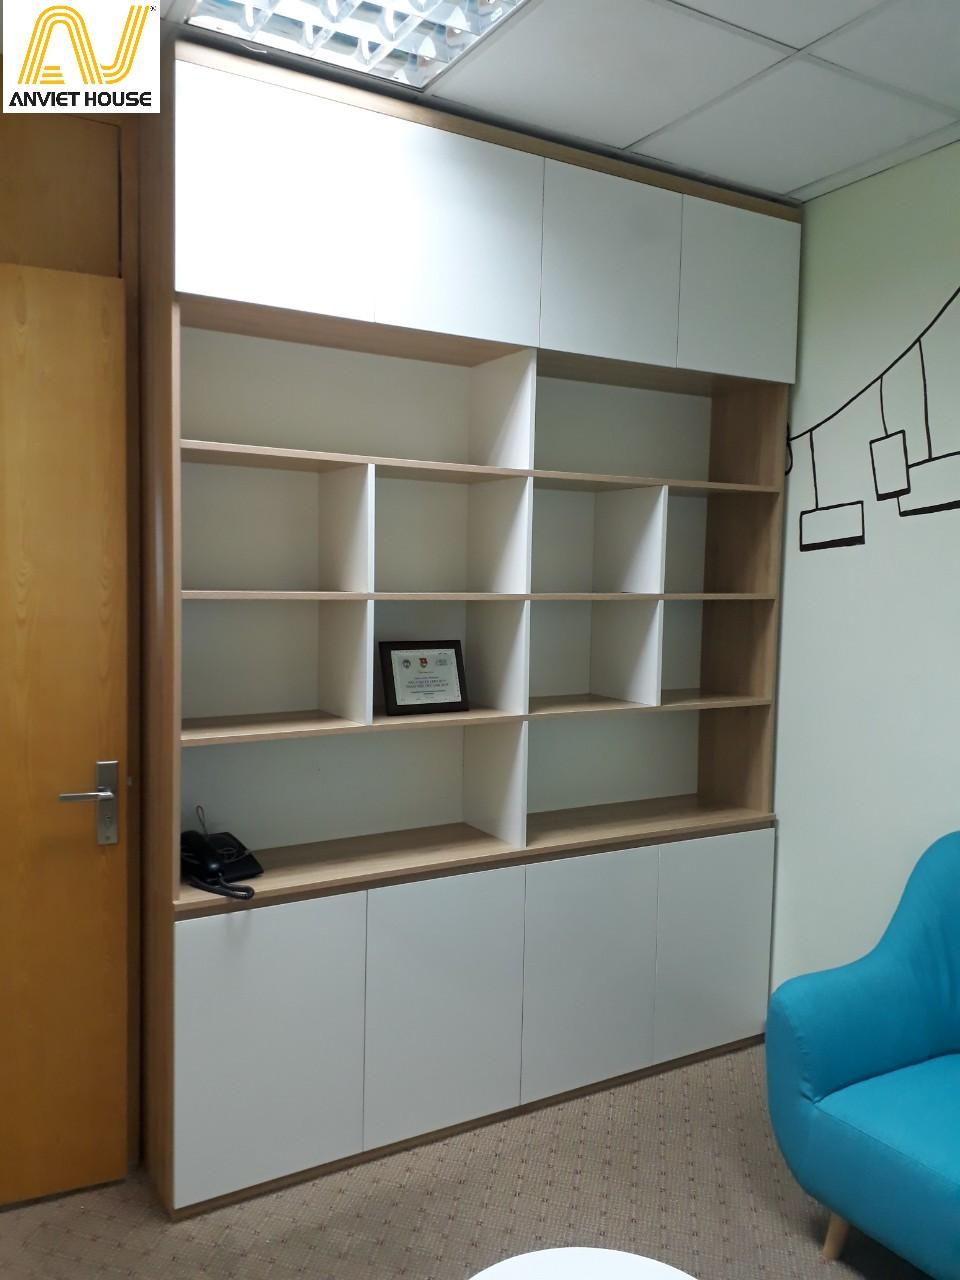 An viet house - sản xuất nội thất văn phòng